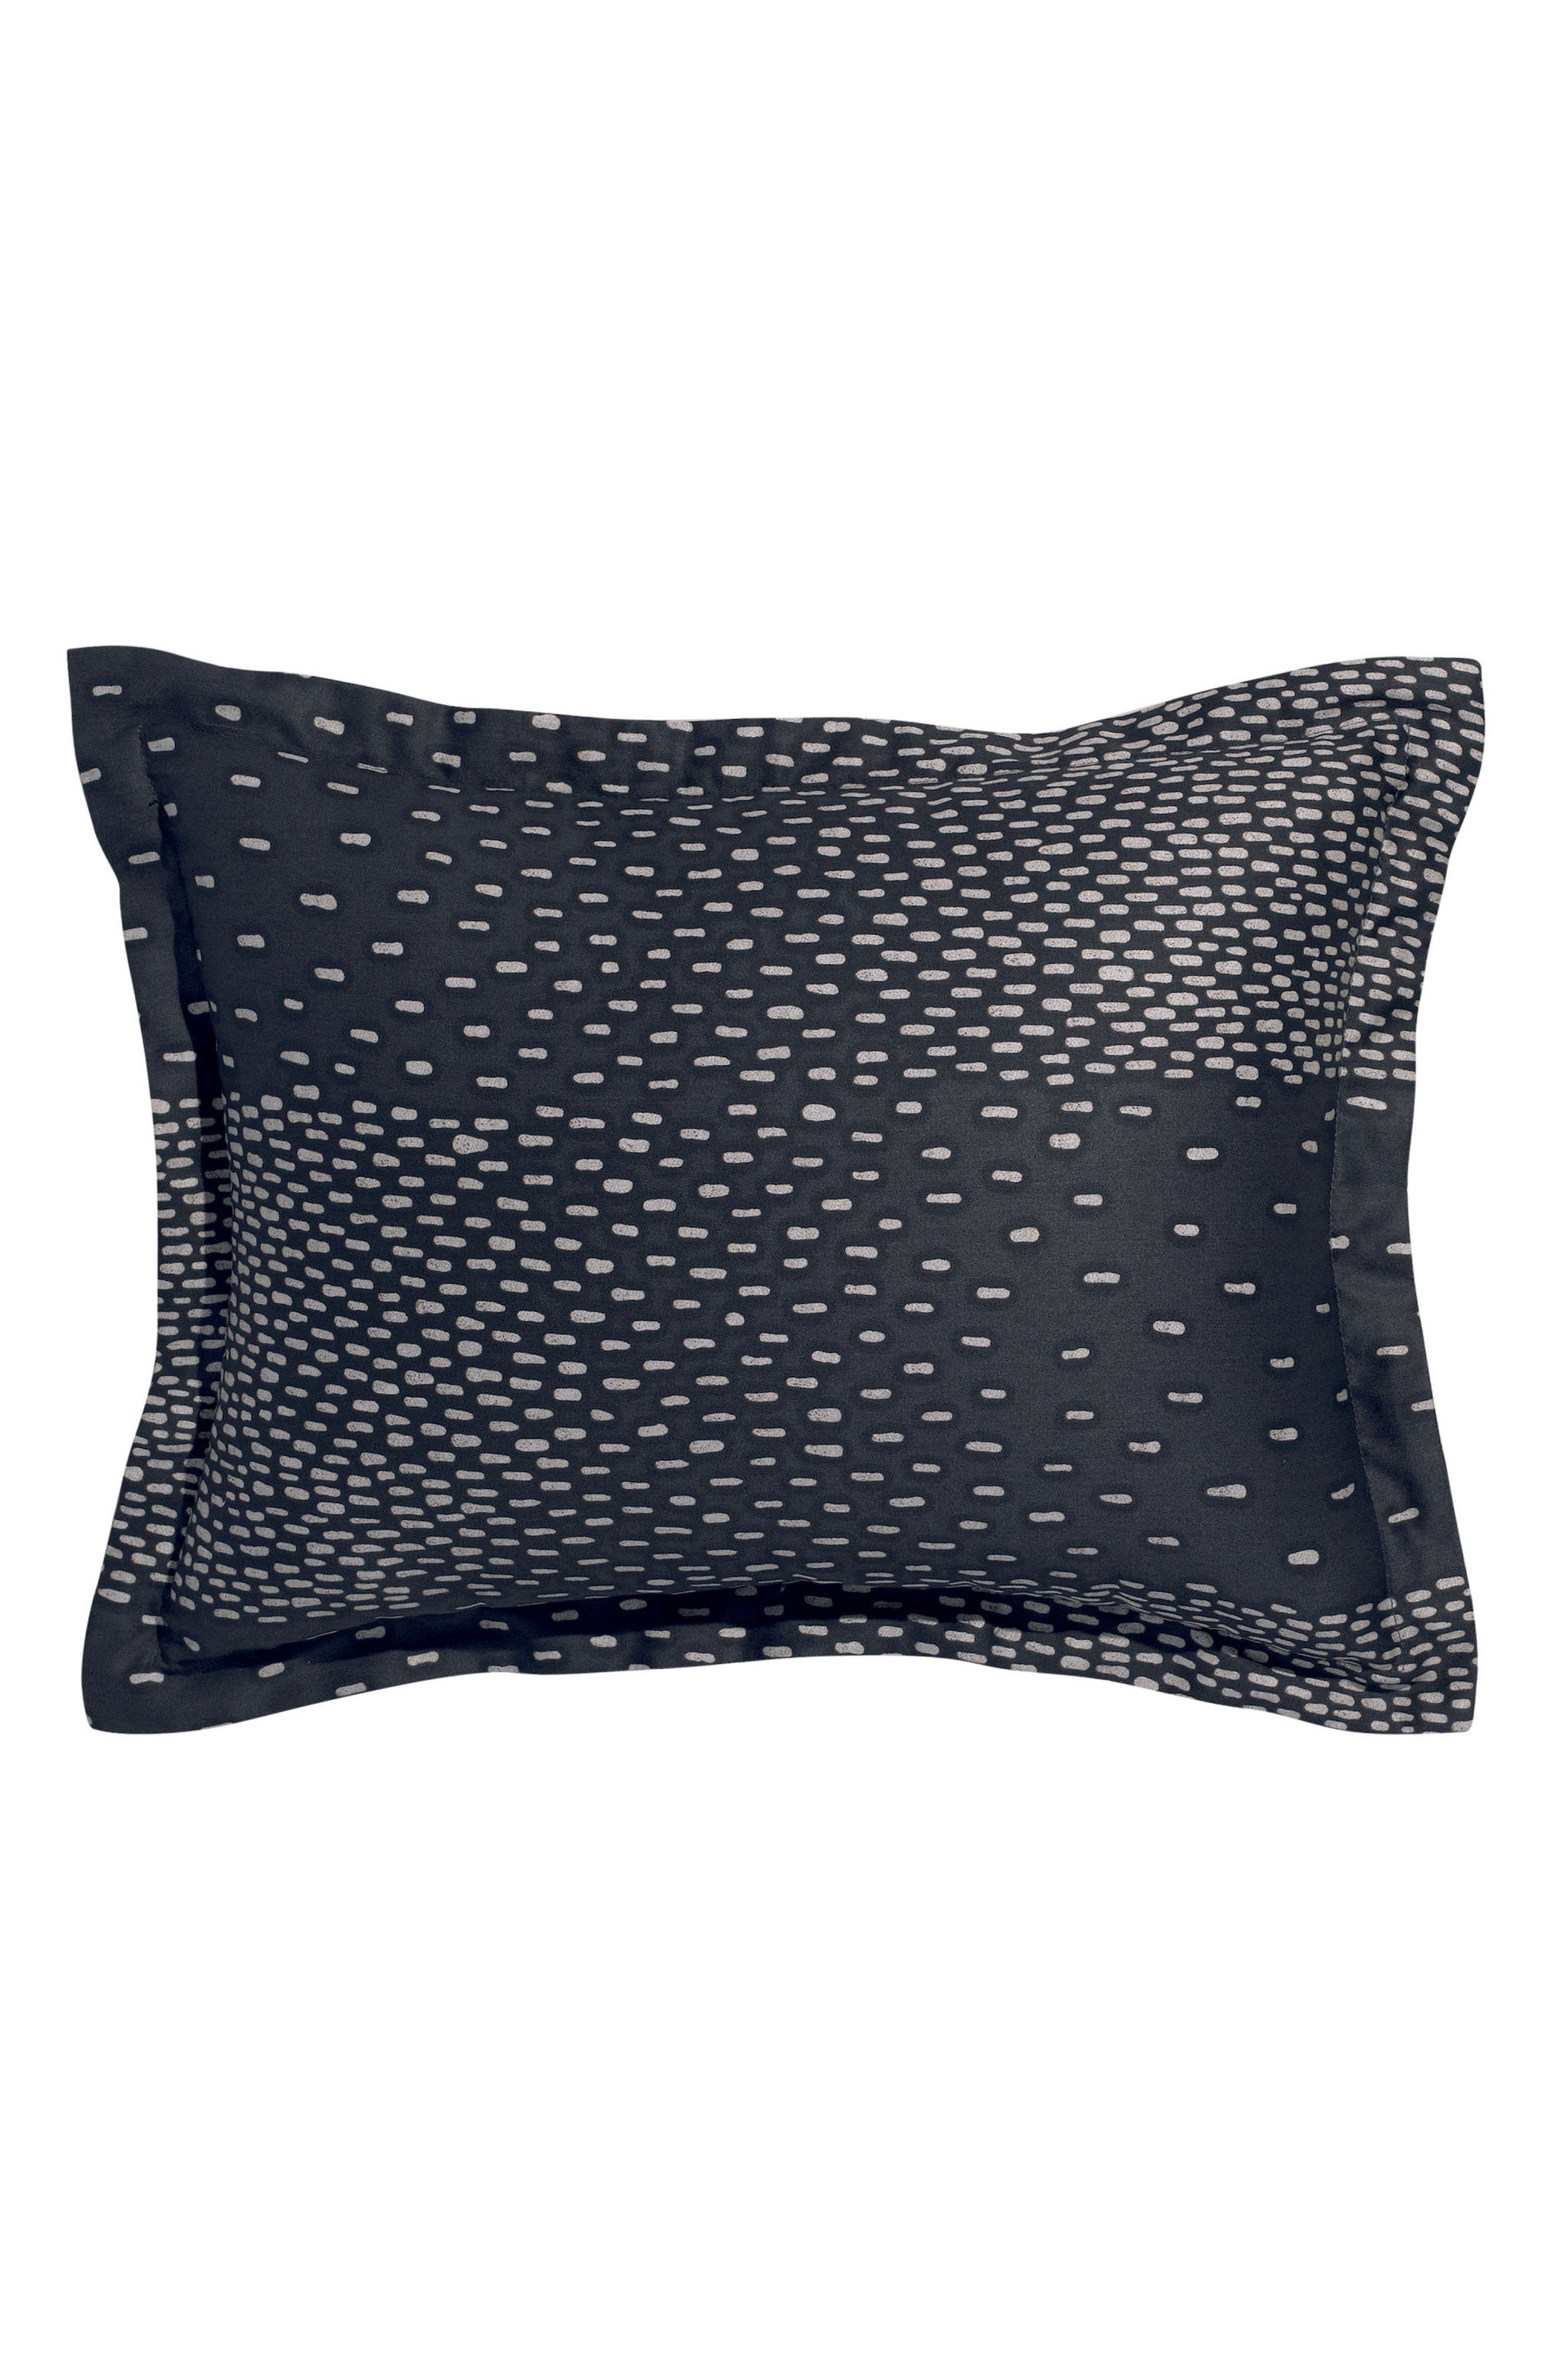 Main Image - Portico Nova Sky Accent Pillow